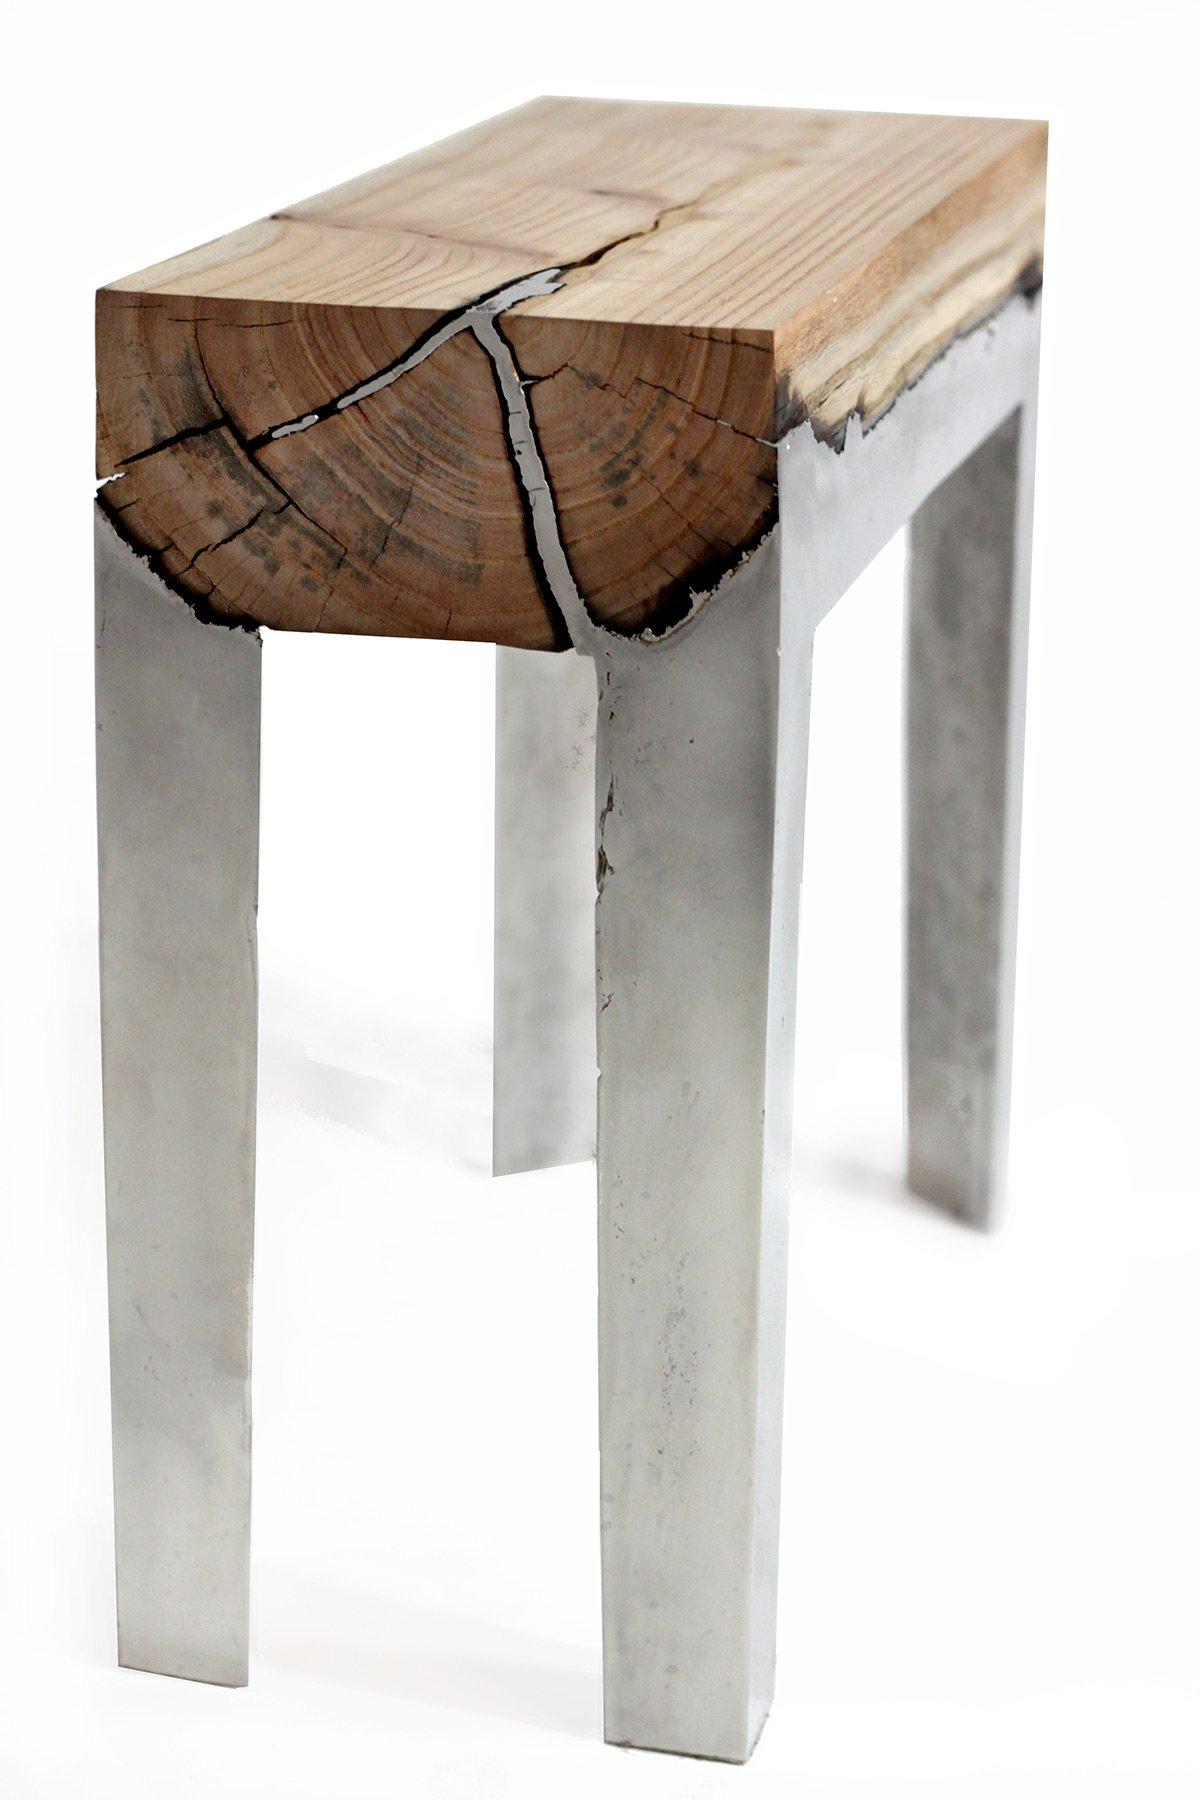 Дерево под металл своими руками 95